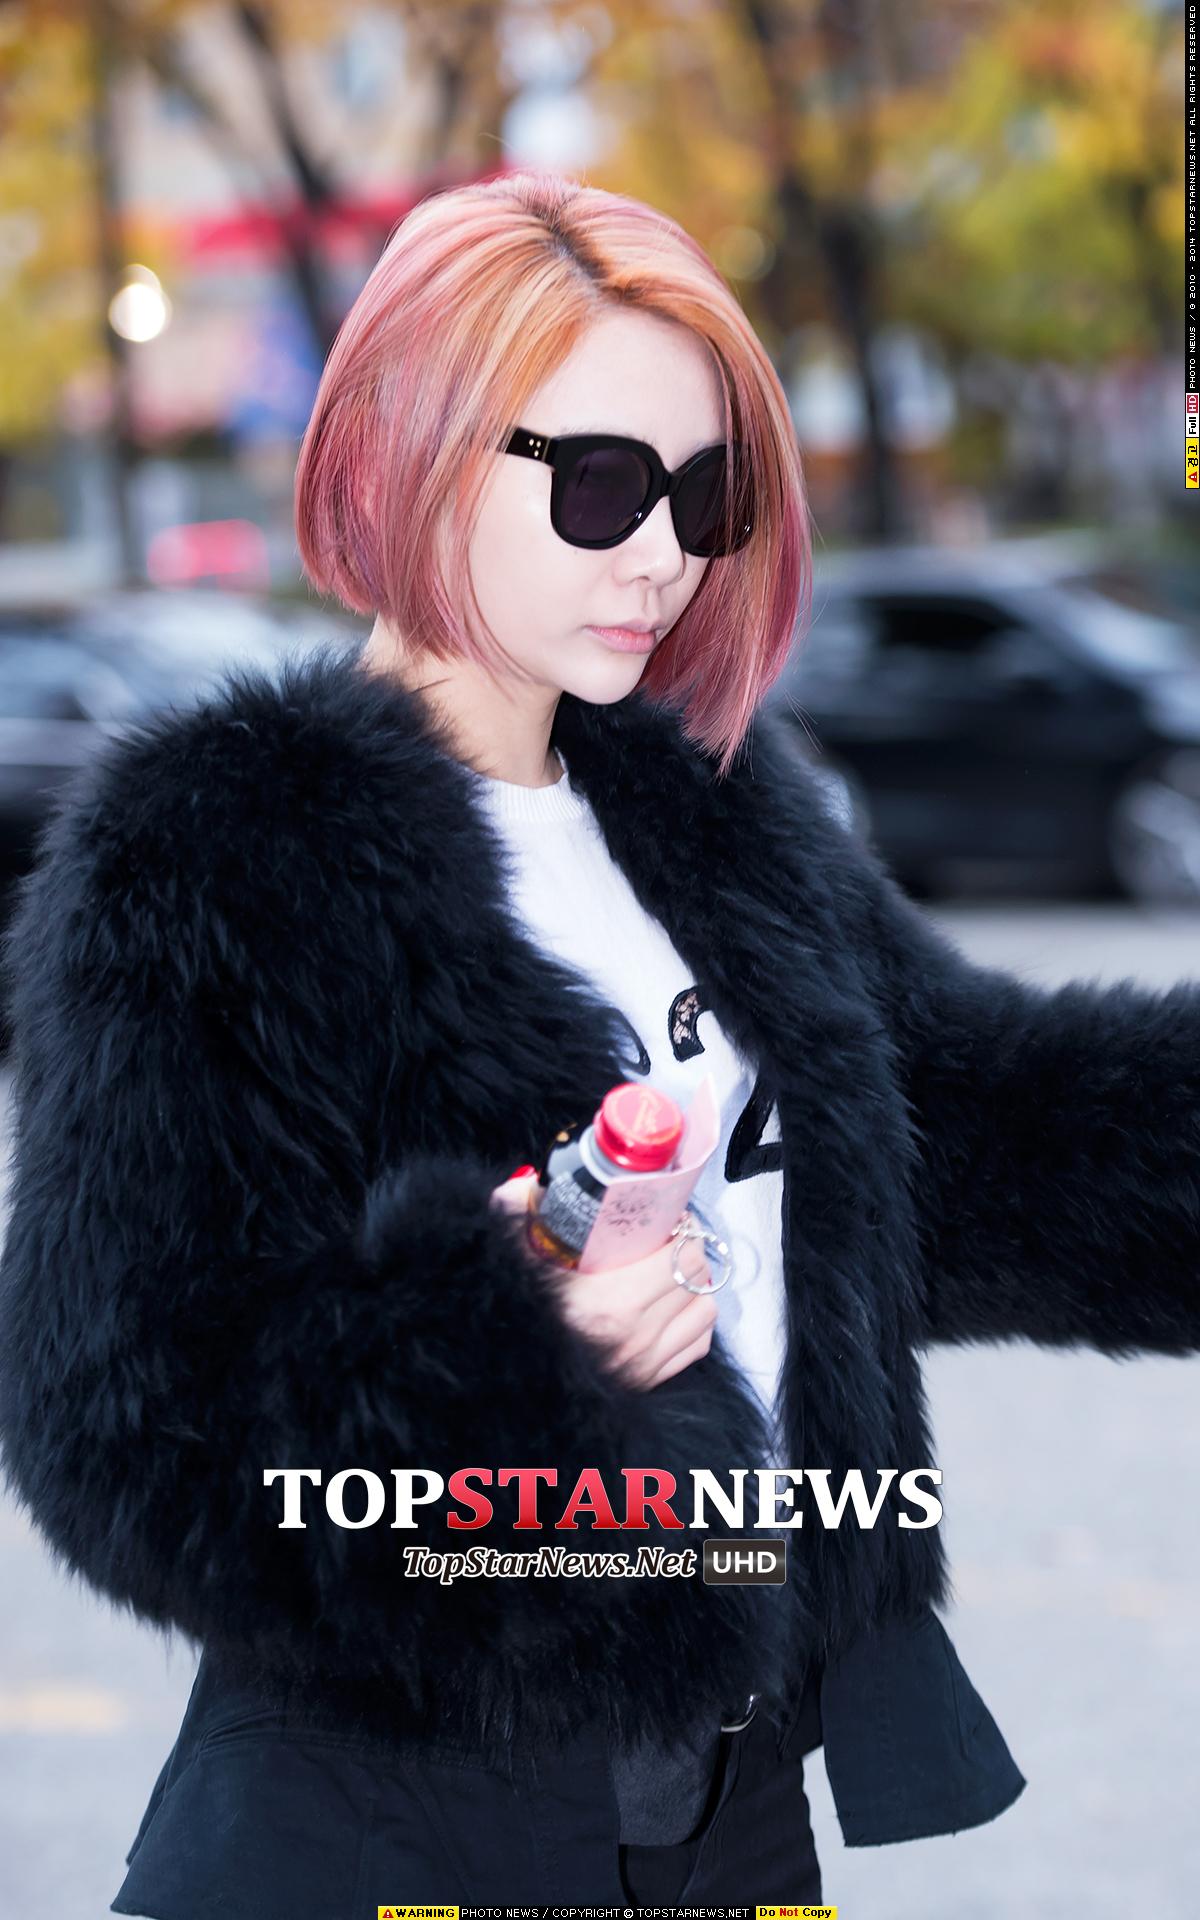 Brown Eyed Girls JeA這種低調的貴婦風正中小編的心(>//<)毛皮大衣在台灣都穿不到~就算穿了還會被白眼~好想要跟JeA一樣穿得這麼有型啊(尤其又配上這頭粉色短髮)